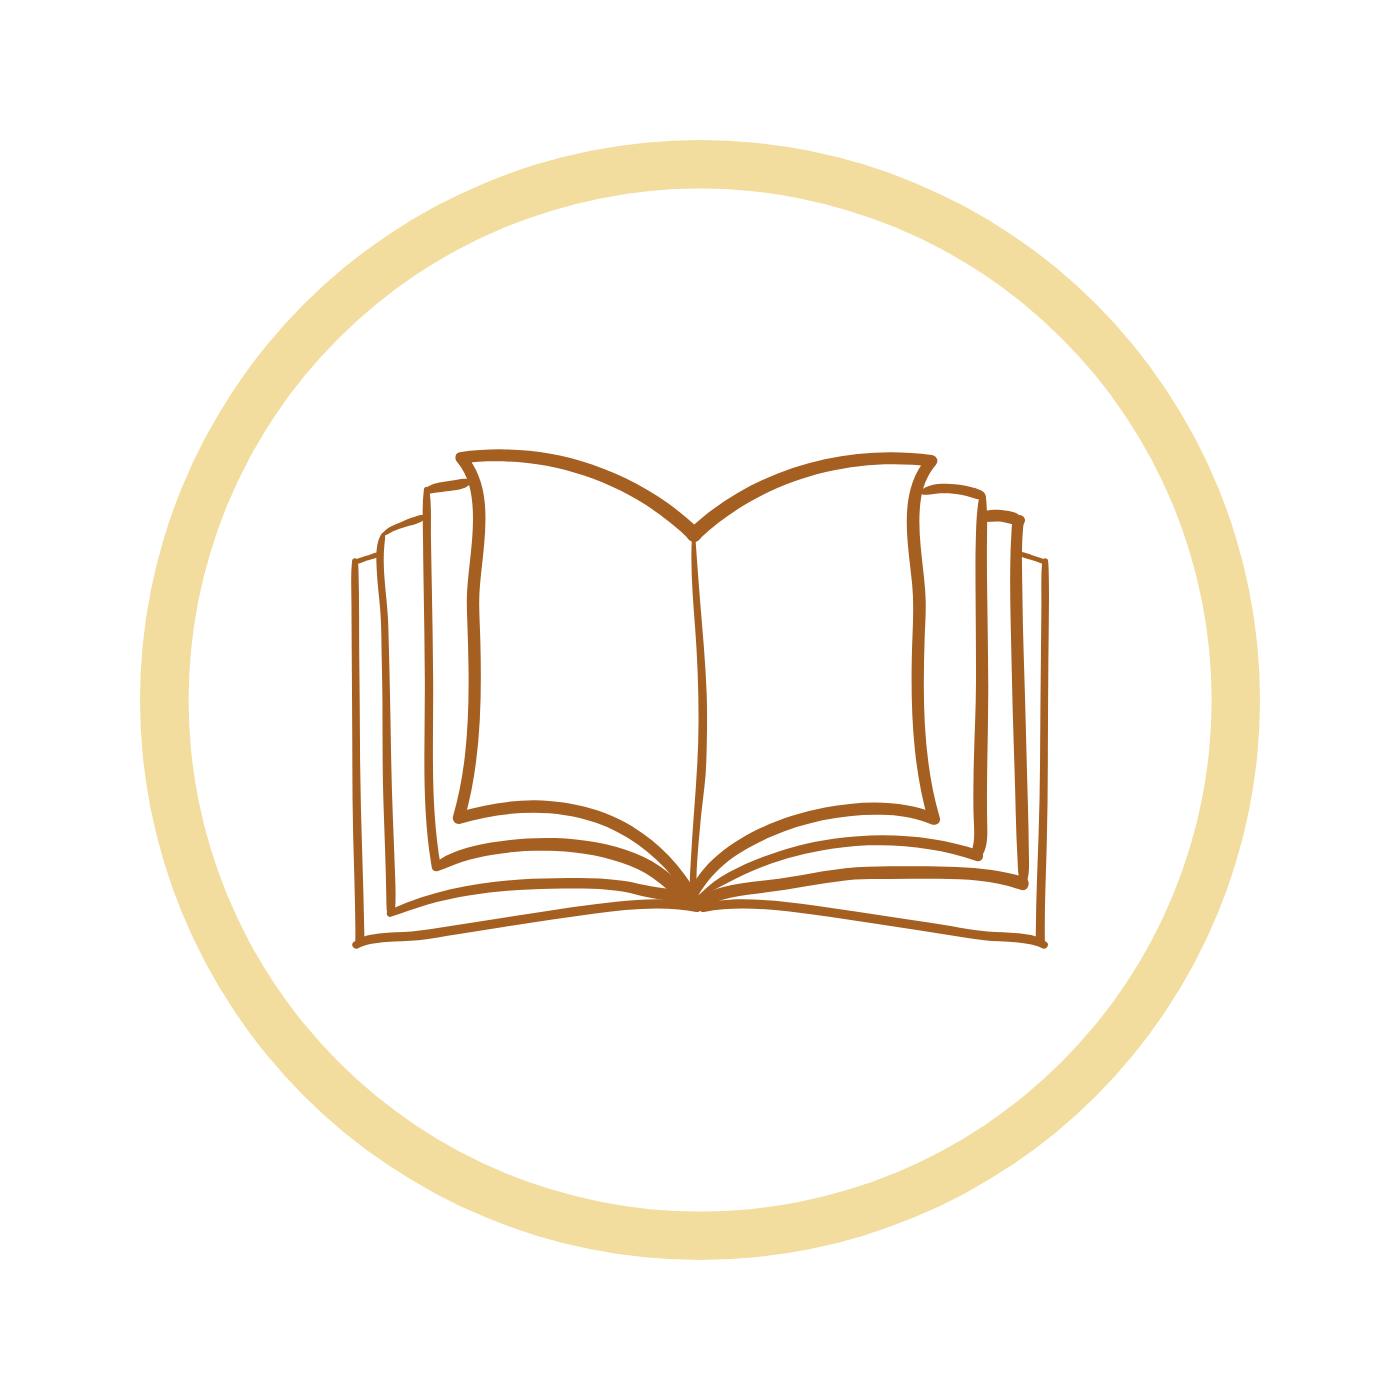 23.png (6.0kB) Lien vers: https://lacagette-coop.fr/?HistoireGeneralCagette